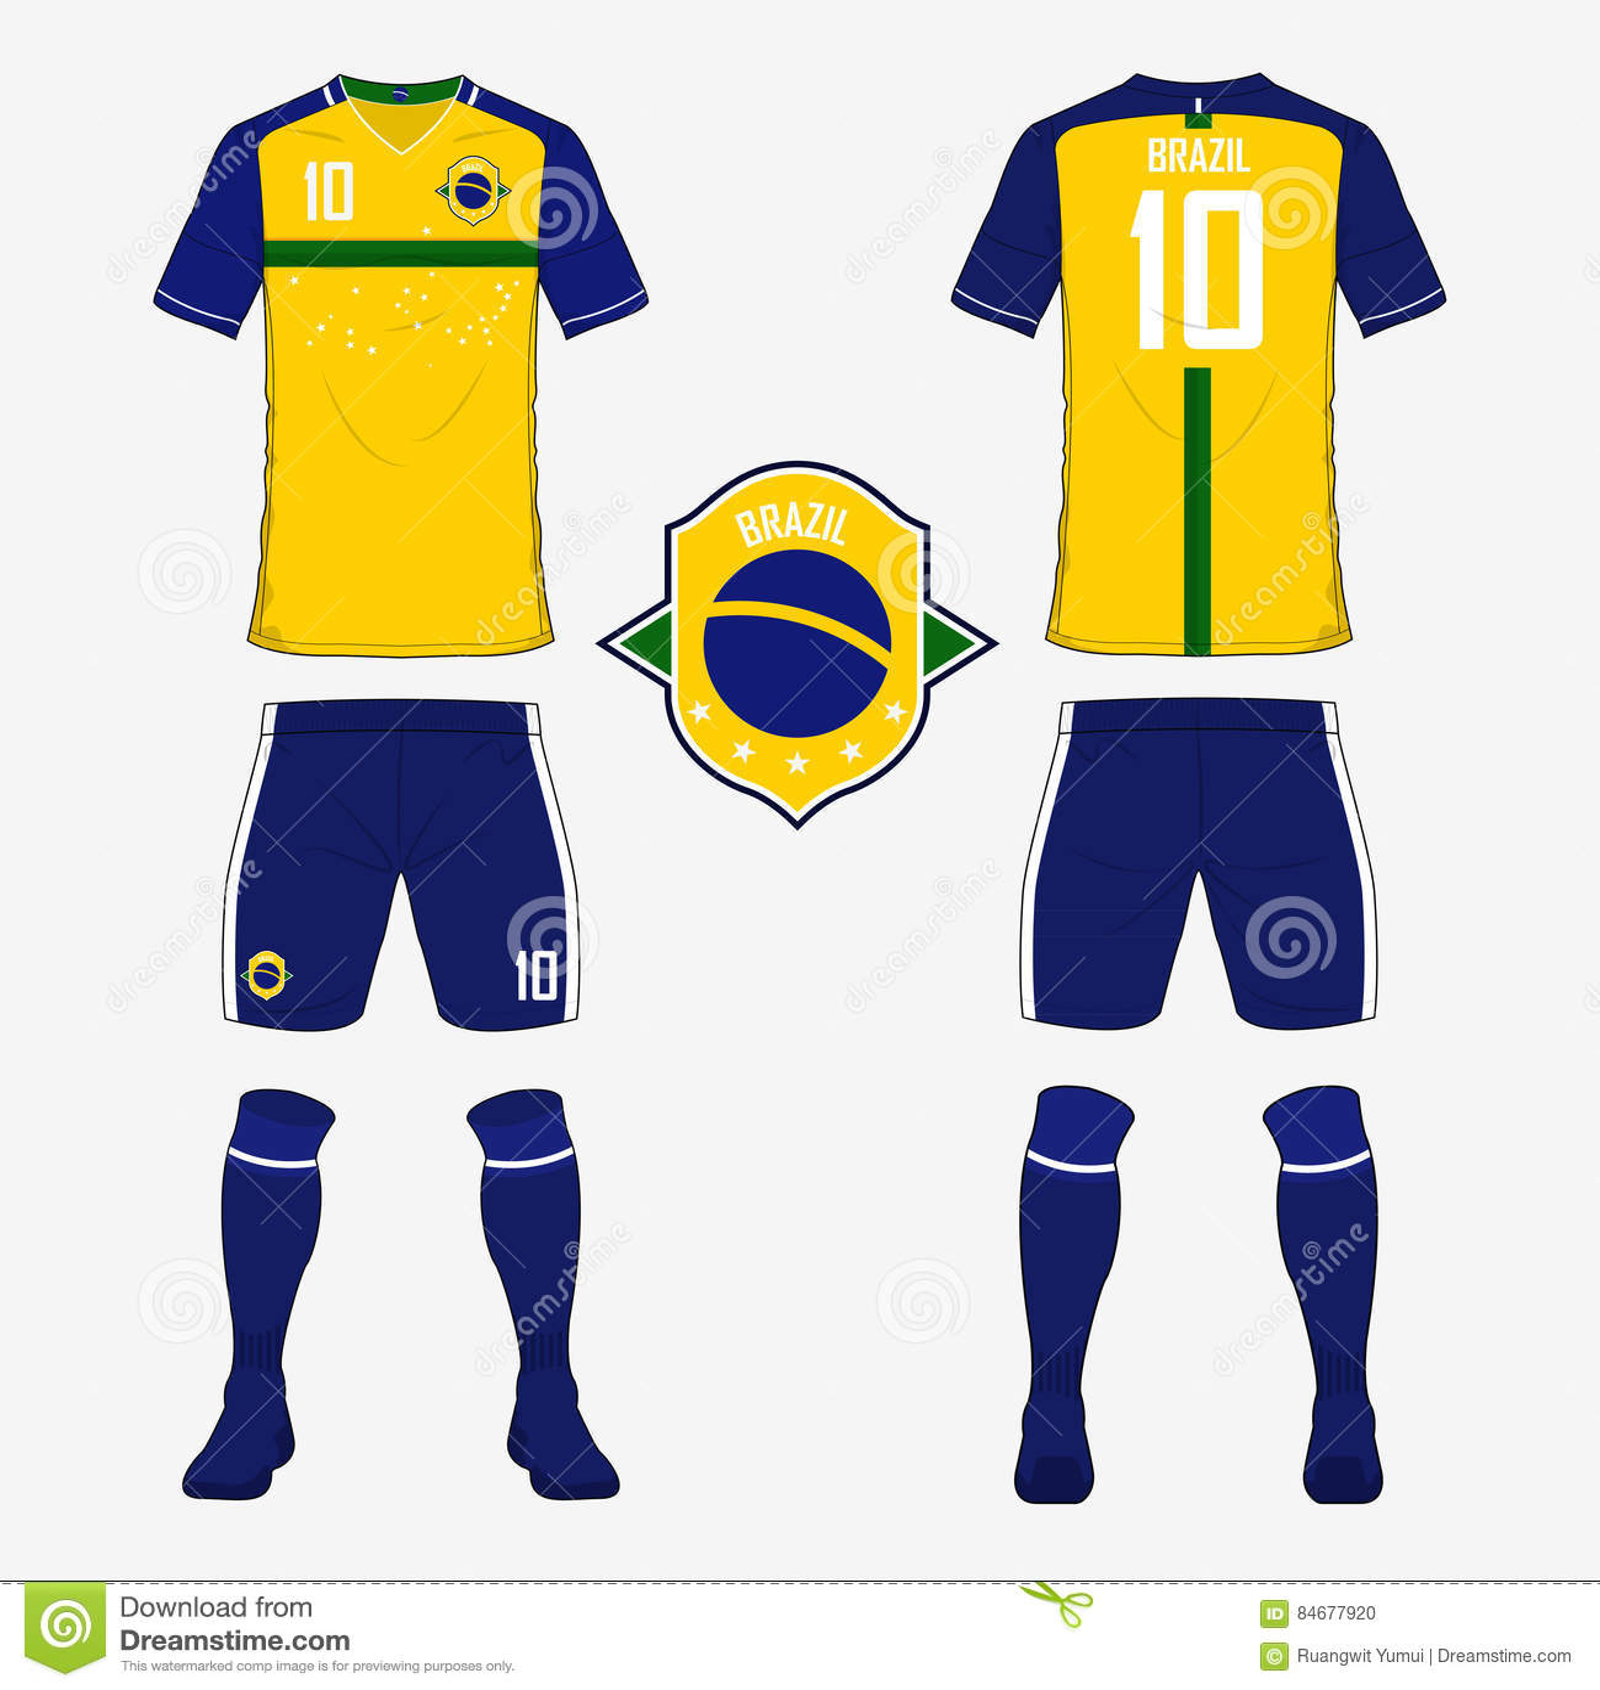 Brazil national football team 2014 kit